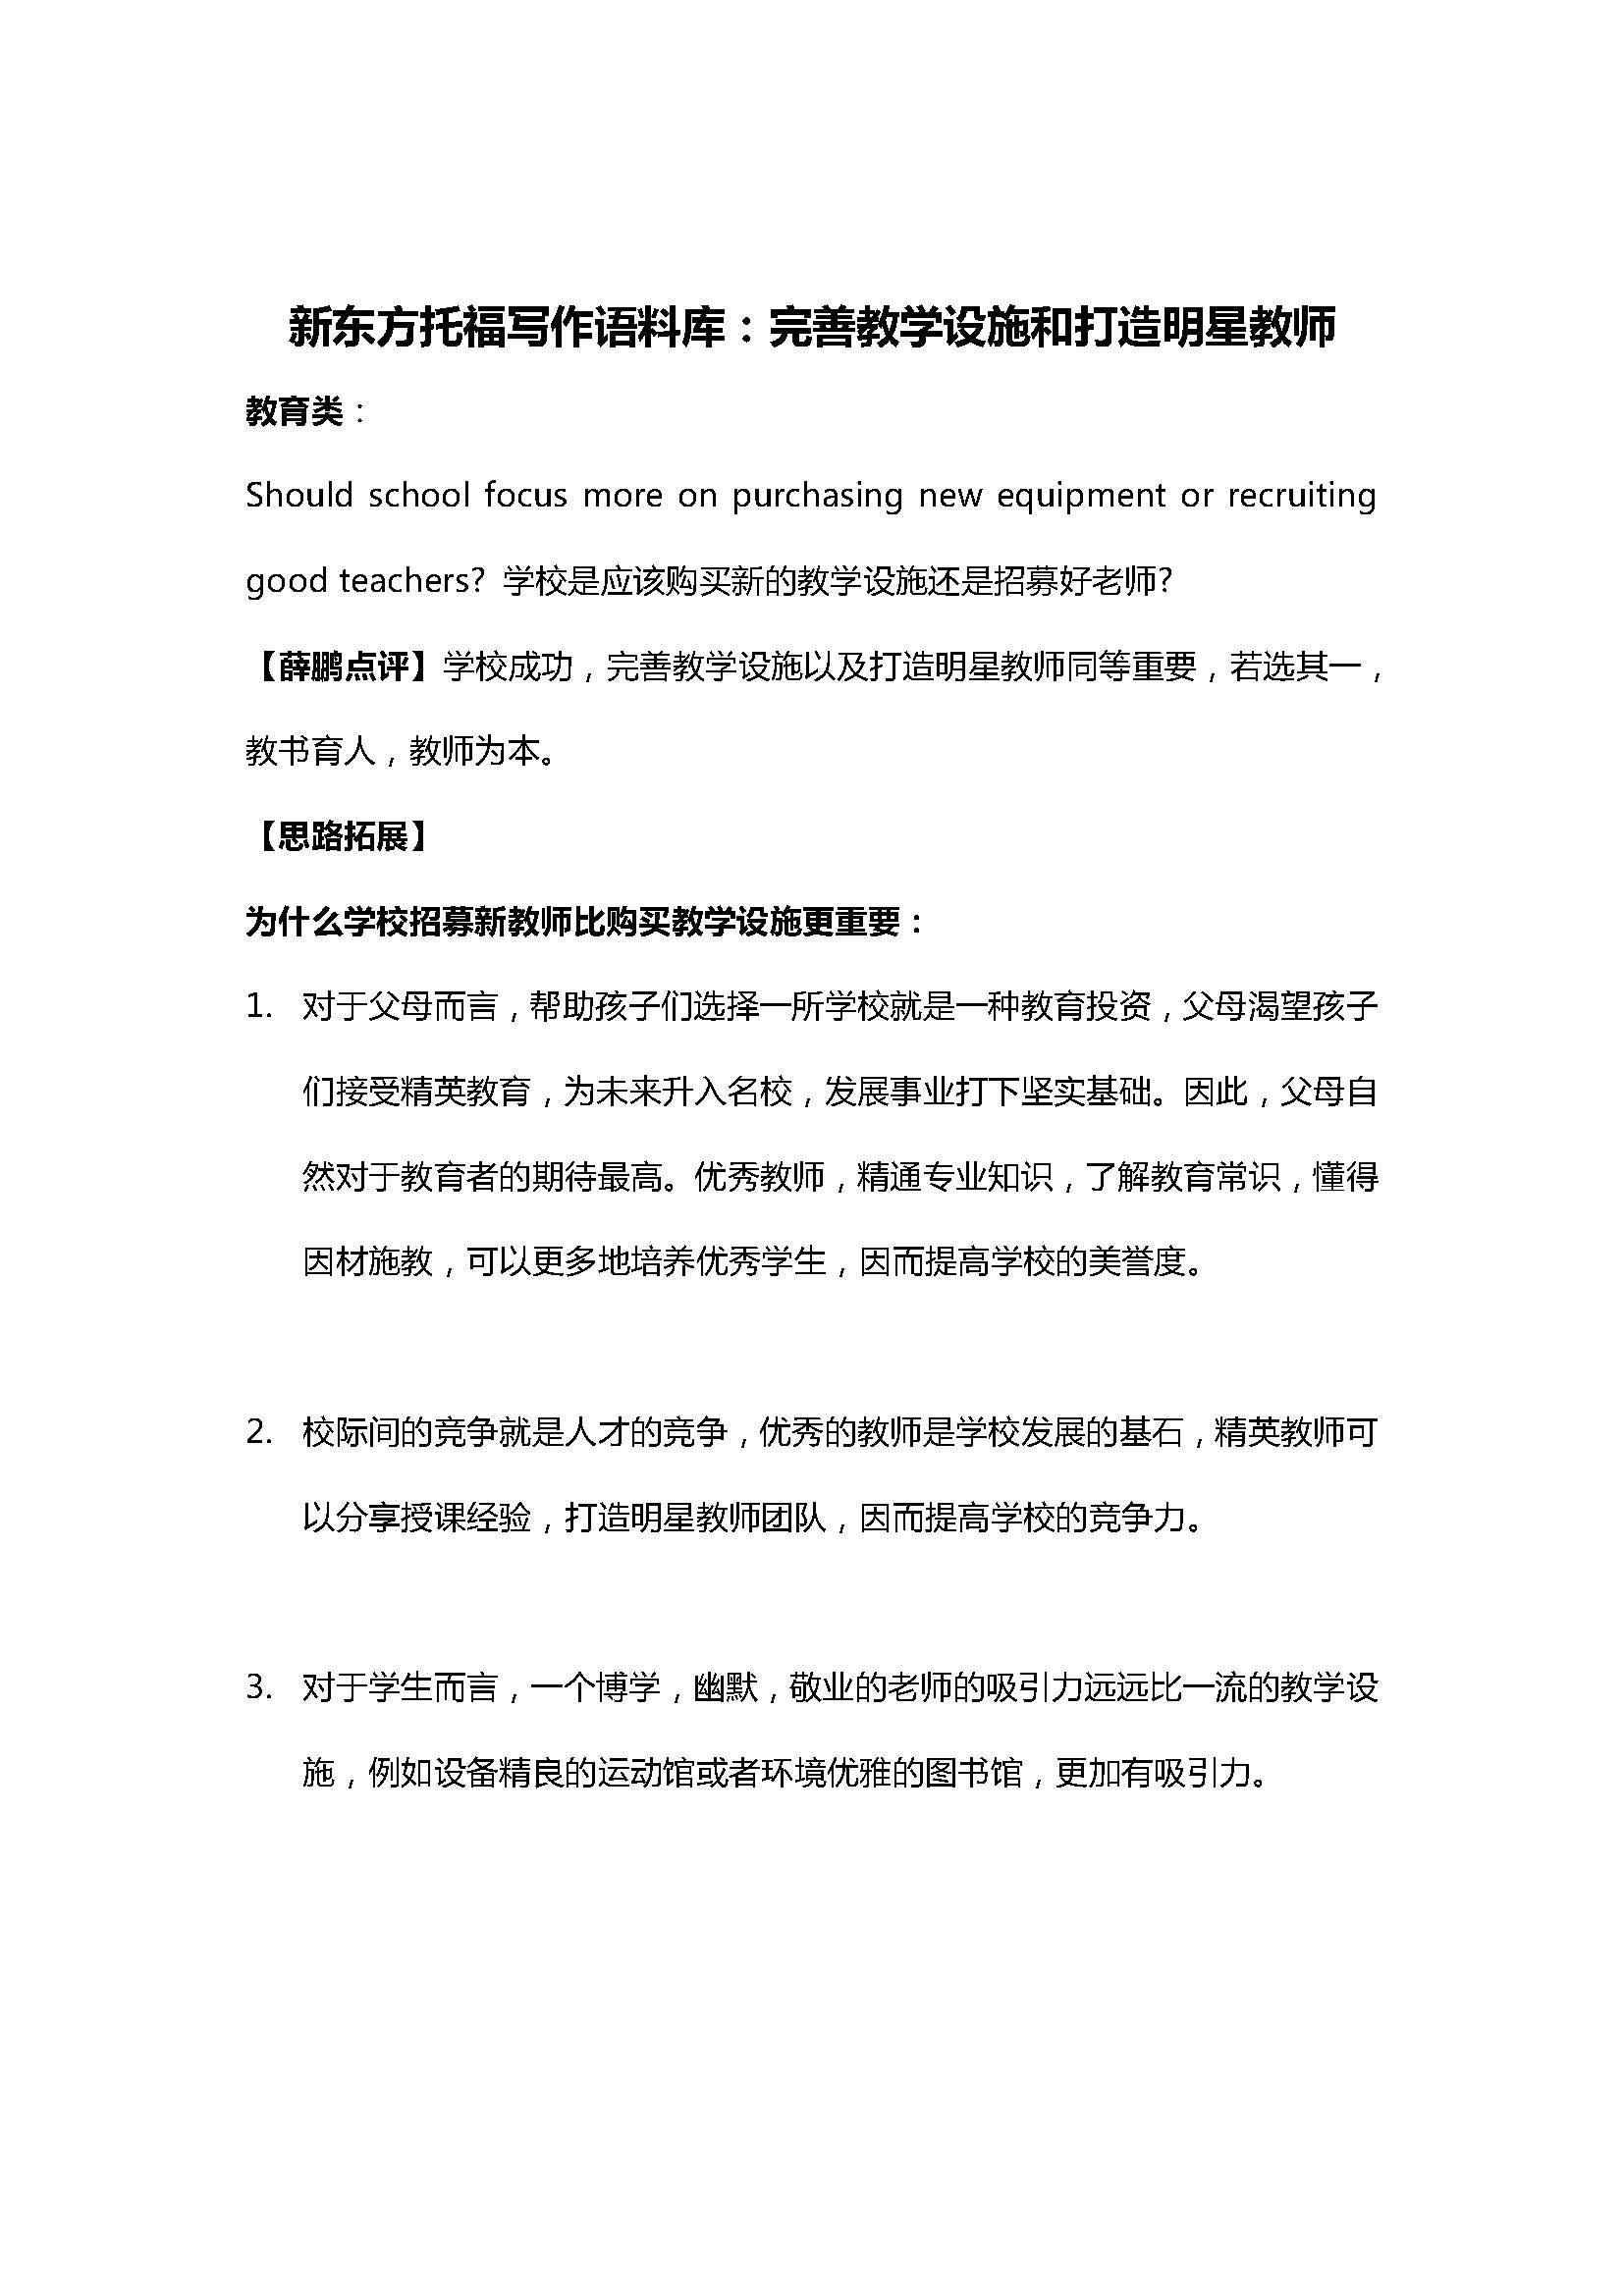 新东方托福写作语料库:完善教学设施和打造明星教师